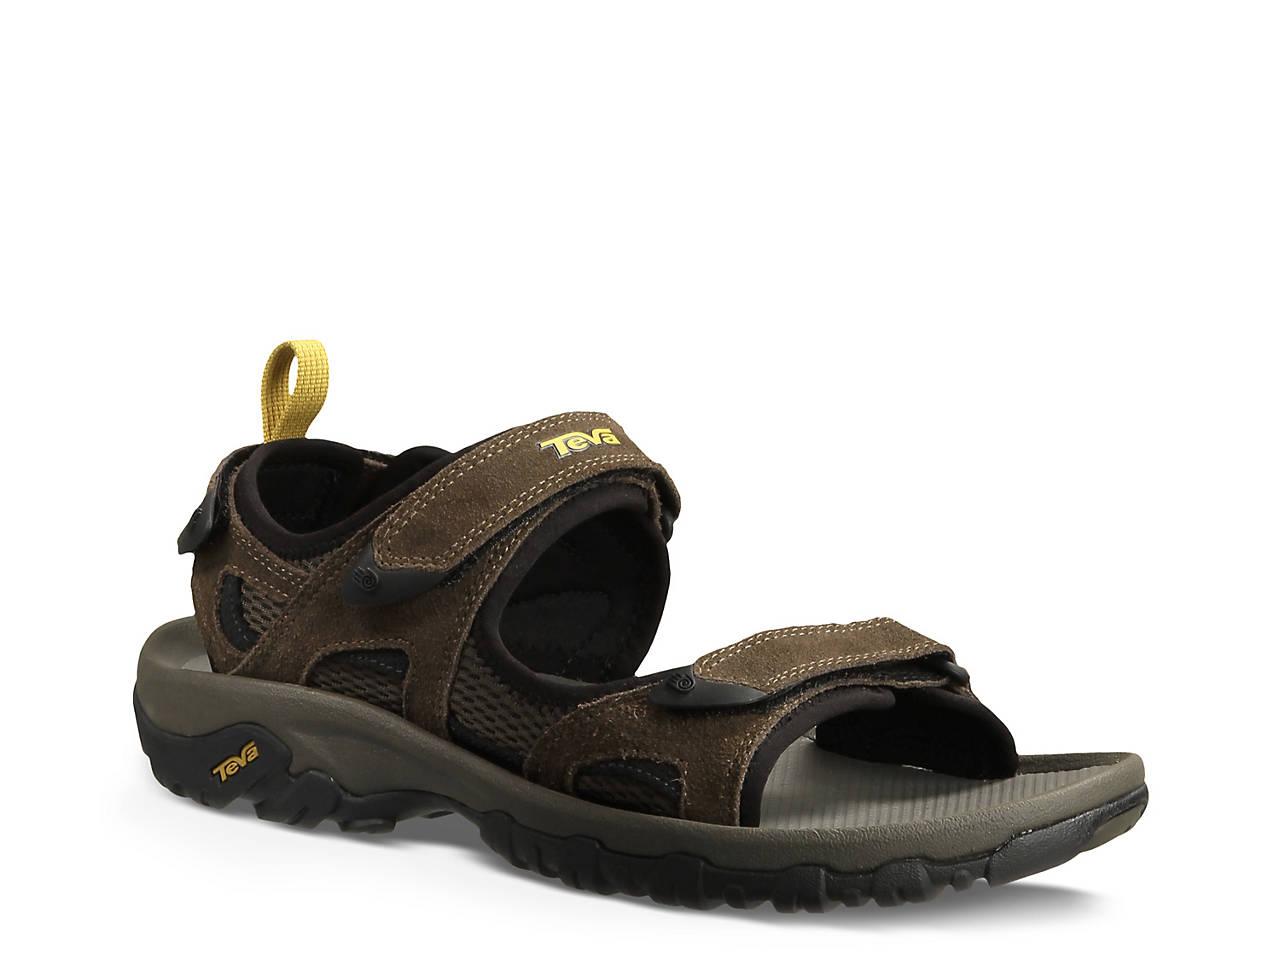 ac9988efb Teva Katavi Sandal Men s Shoes